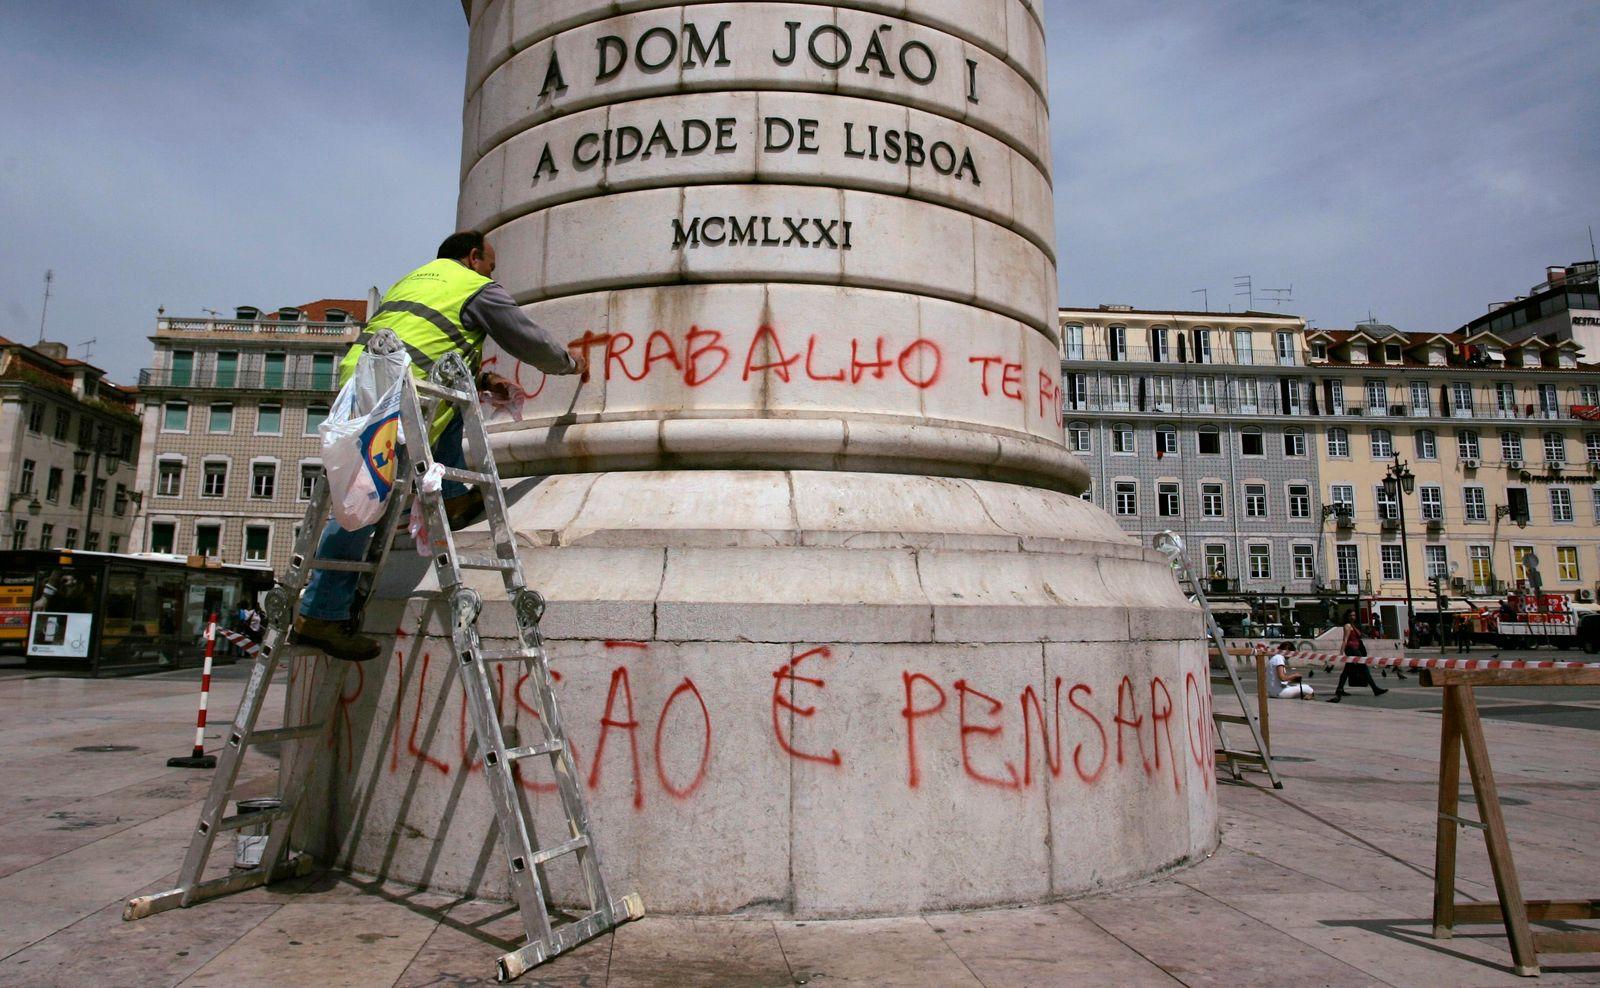 JOB GRAFITTI PORTUGAL